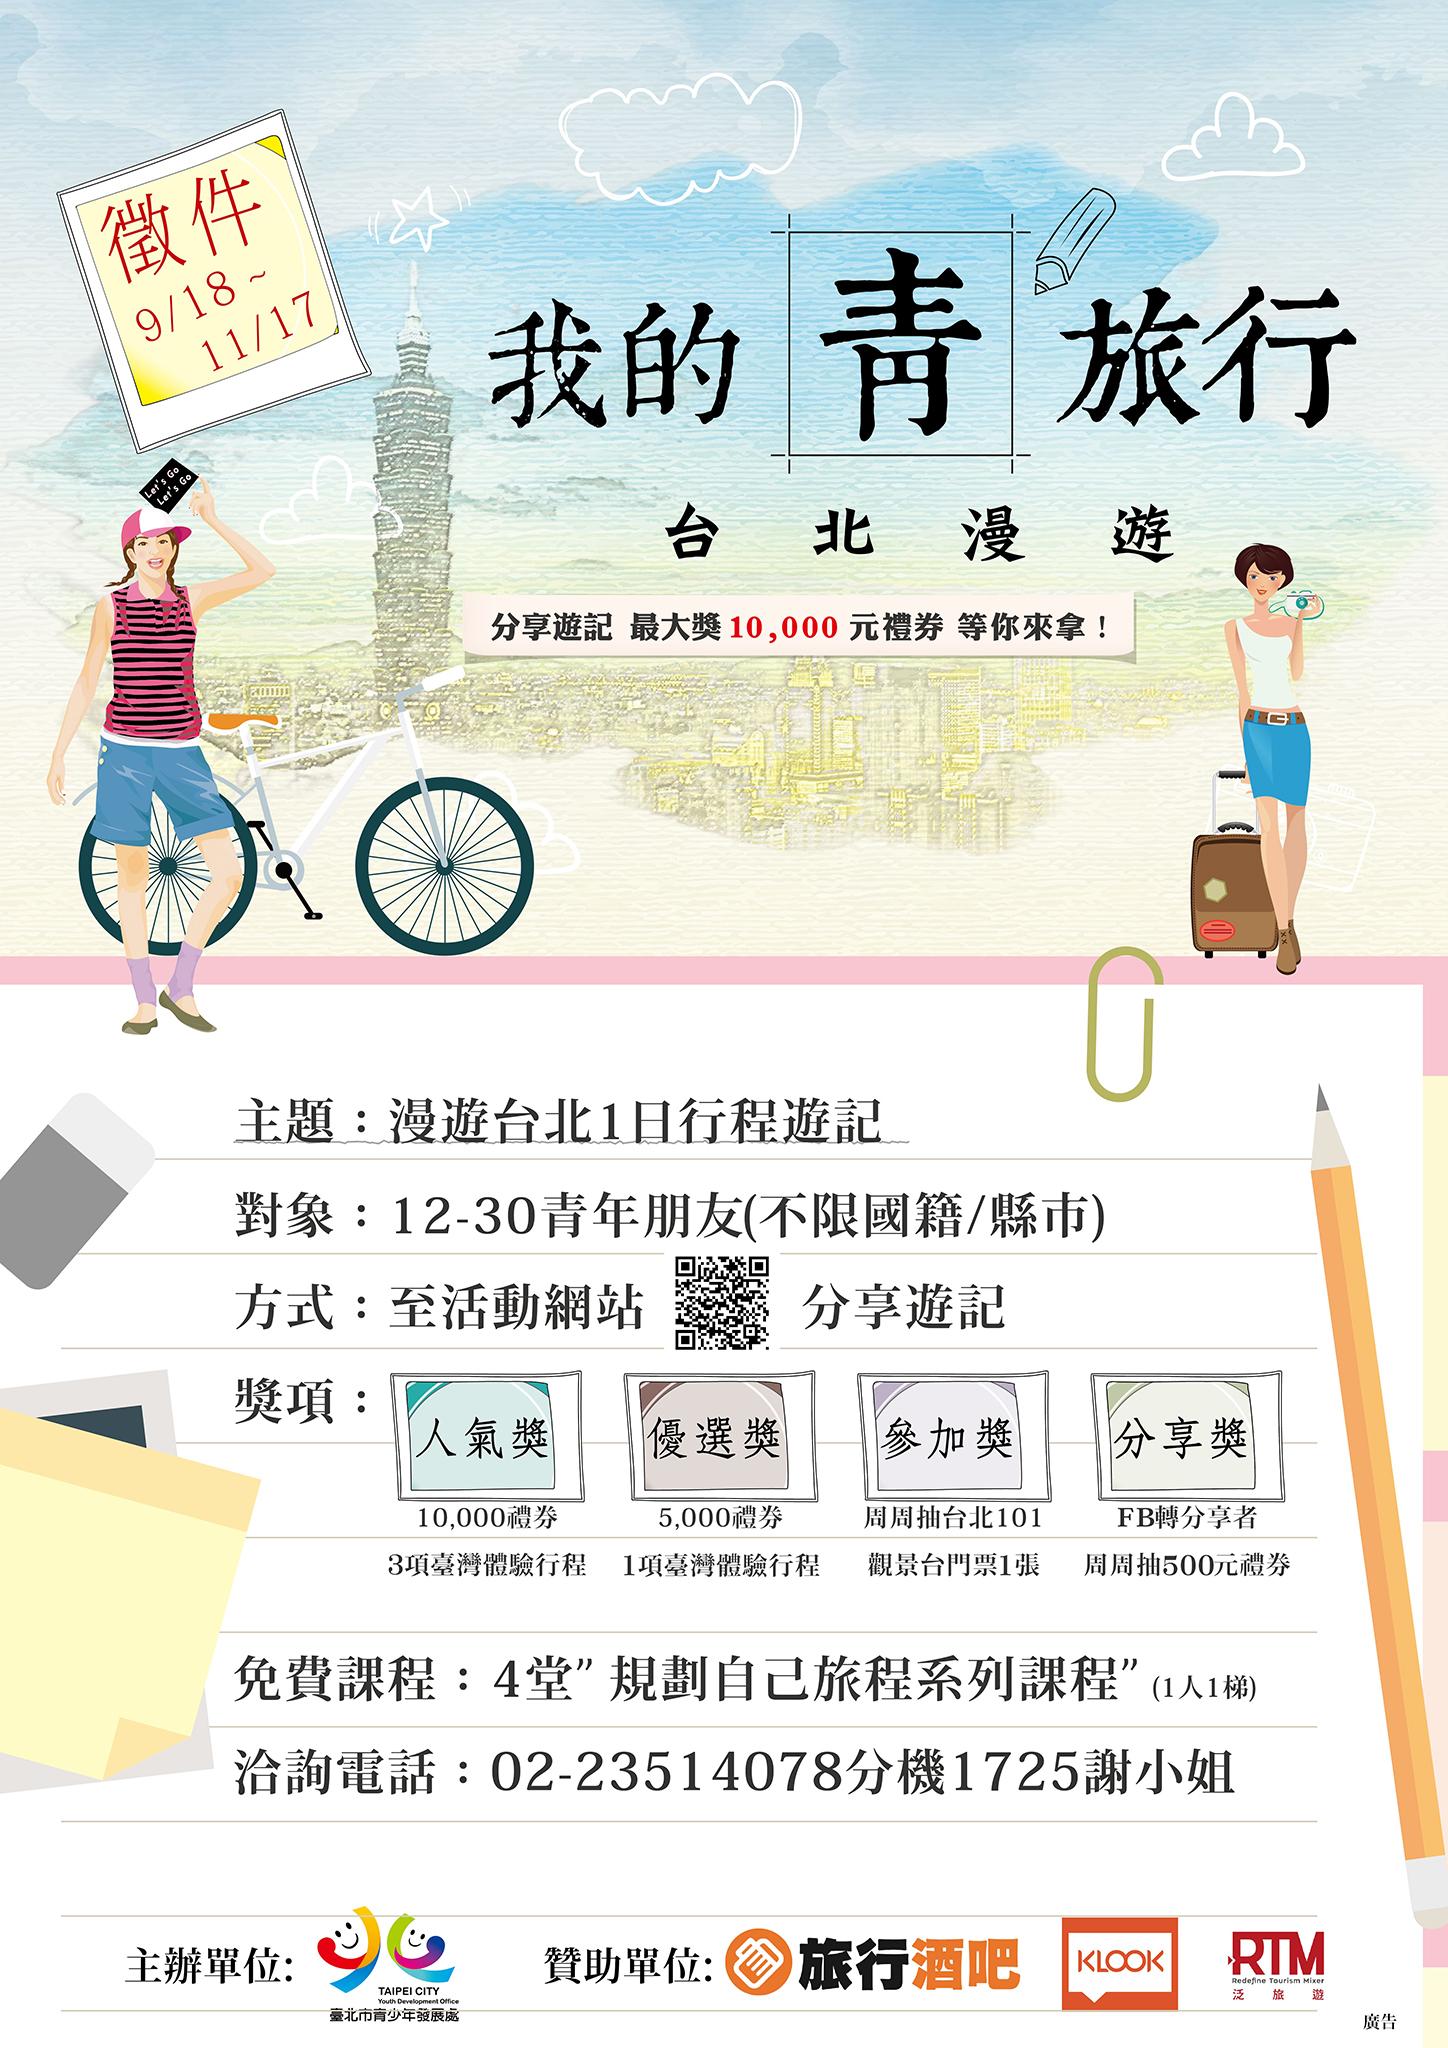 2017「臺北漫遊,我的青旅行」遊記徵件-海報